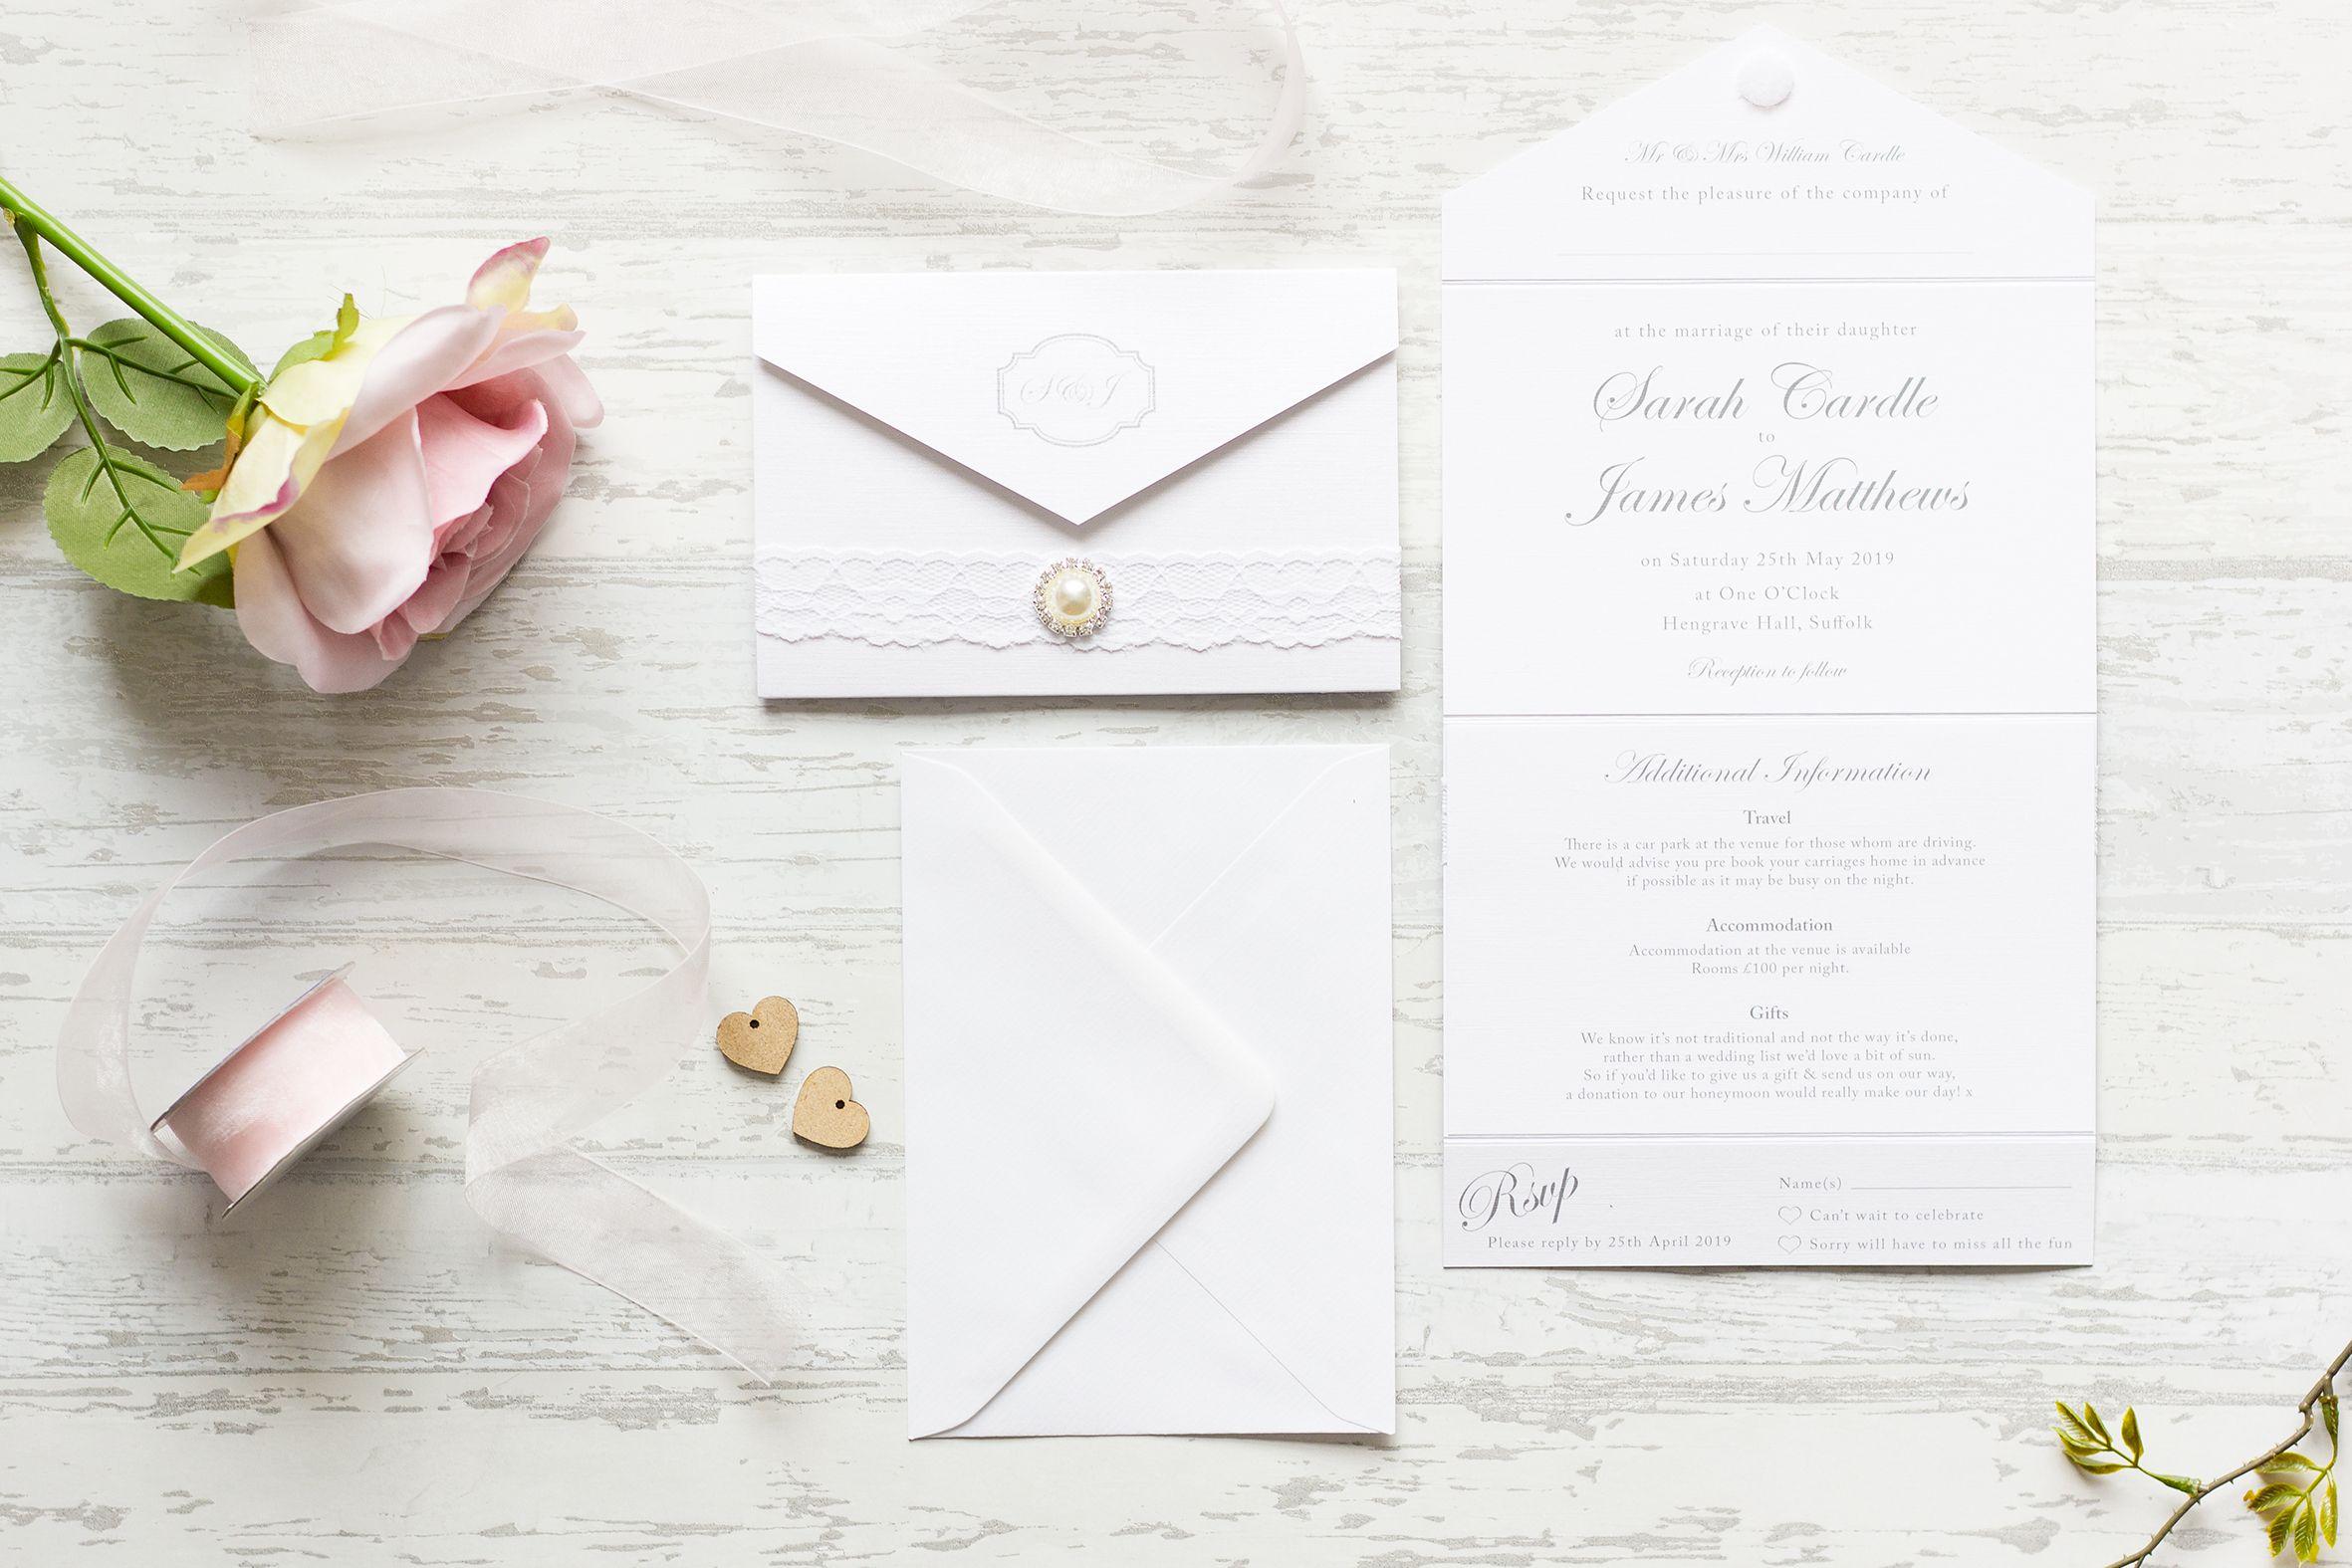 Wedding Invitation Rustic Invitation Lace Wedding Etsy Wedding Invitations Wedding Invitations Rustic Vintage Invitations